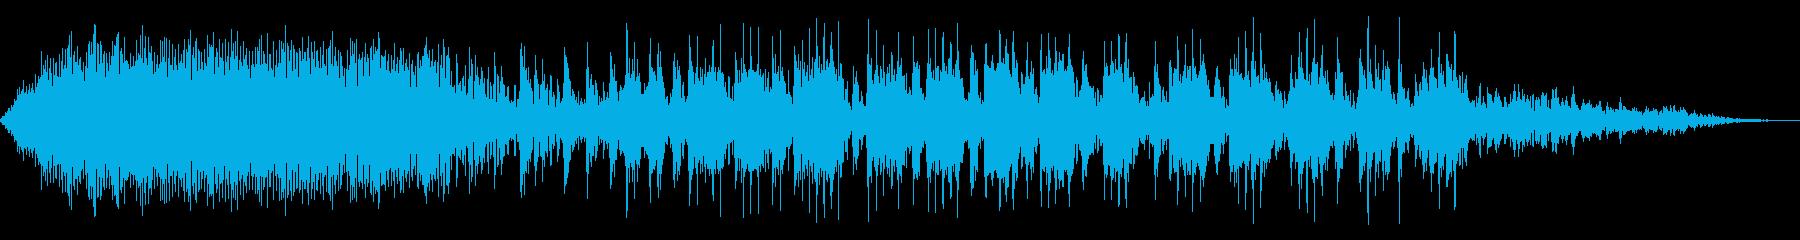 プロペラ機エンジンの停止の再生済みの波形